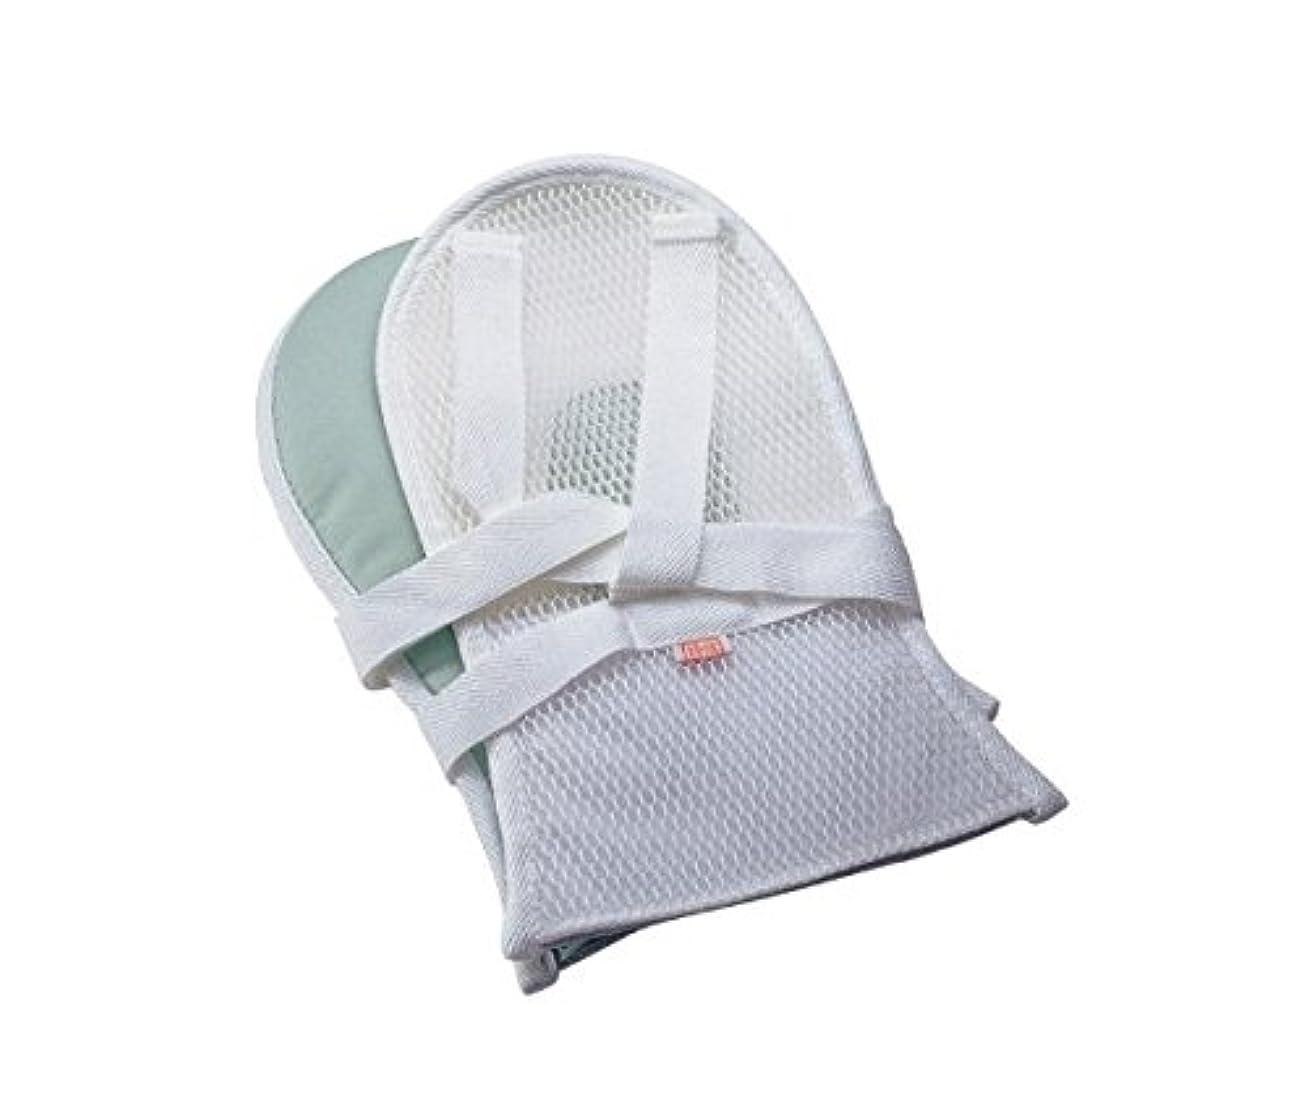 純正オンスファセット抑制手袋(まもっ手) サラサラ / 0-3231-02